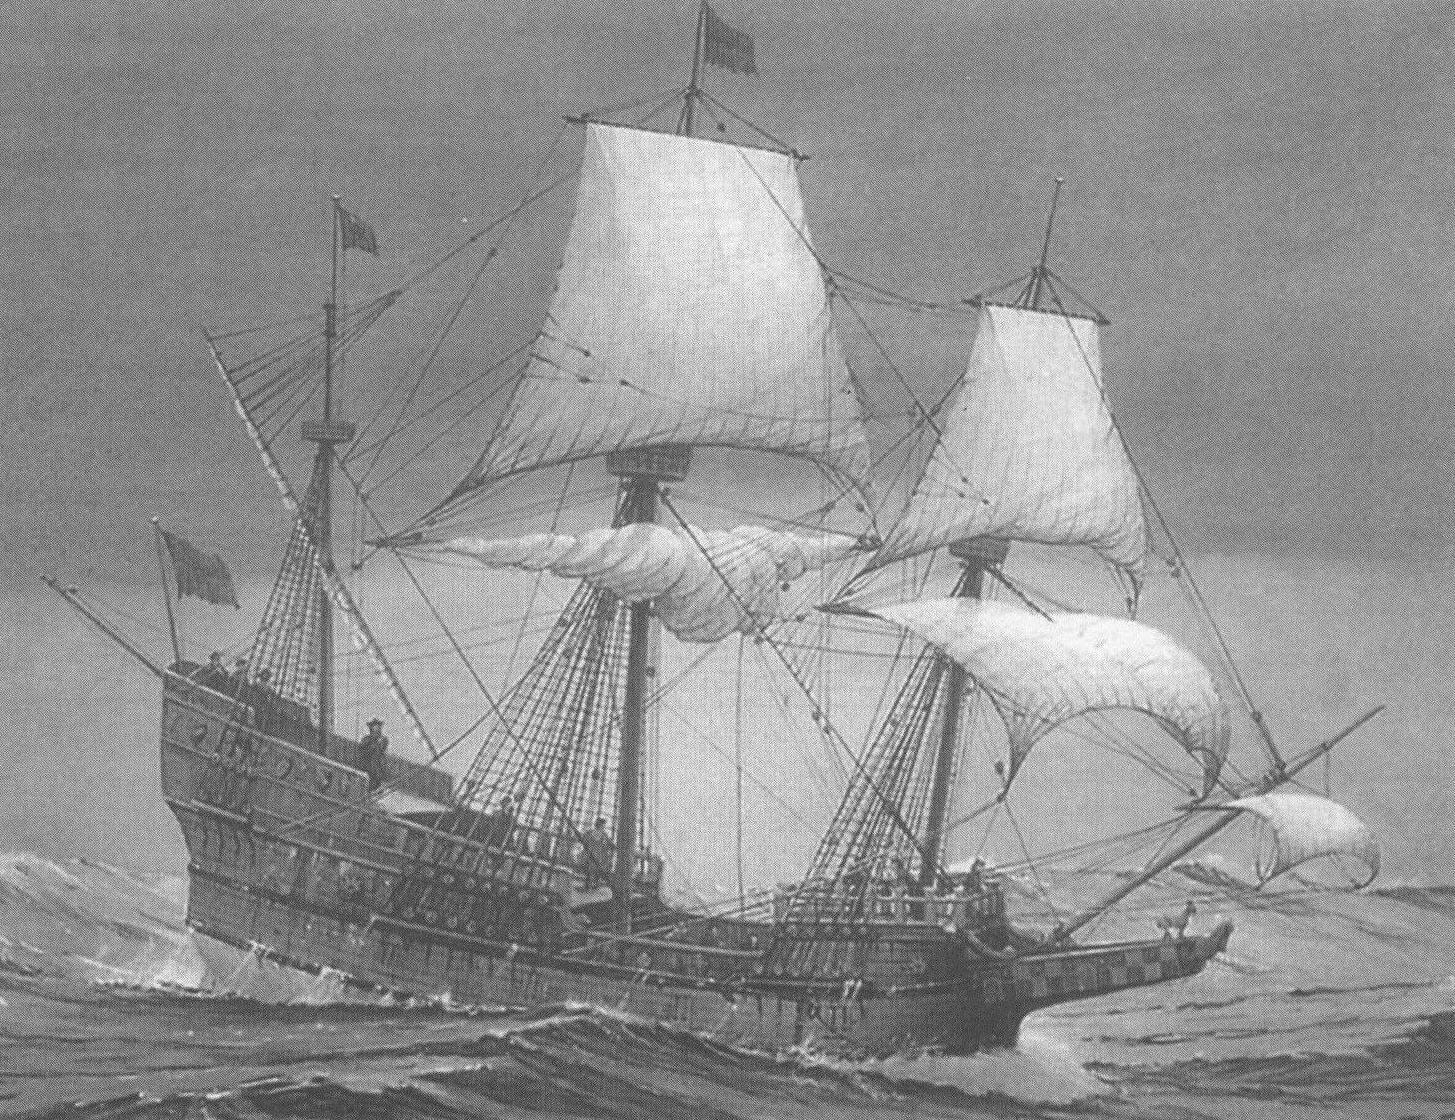 Еще одно изображение корабля Дрейка, созданное нашим современником